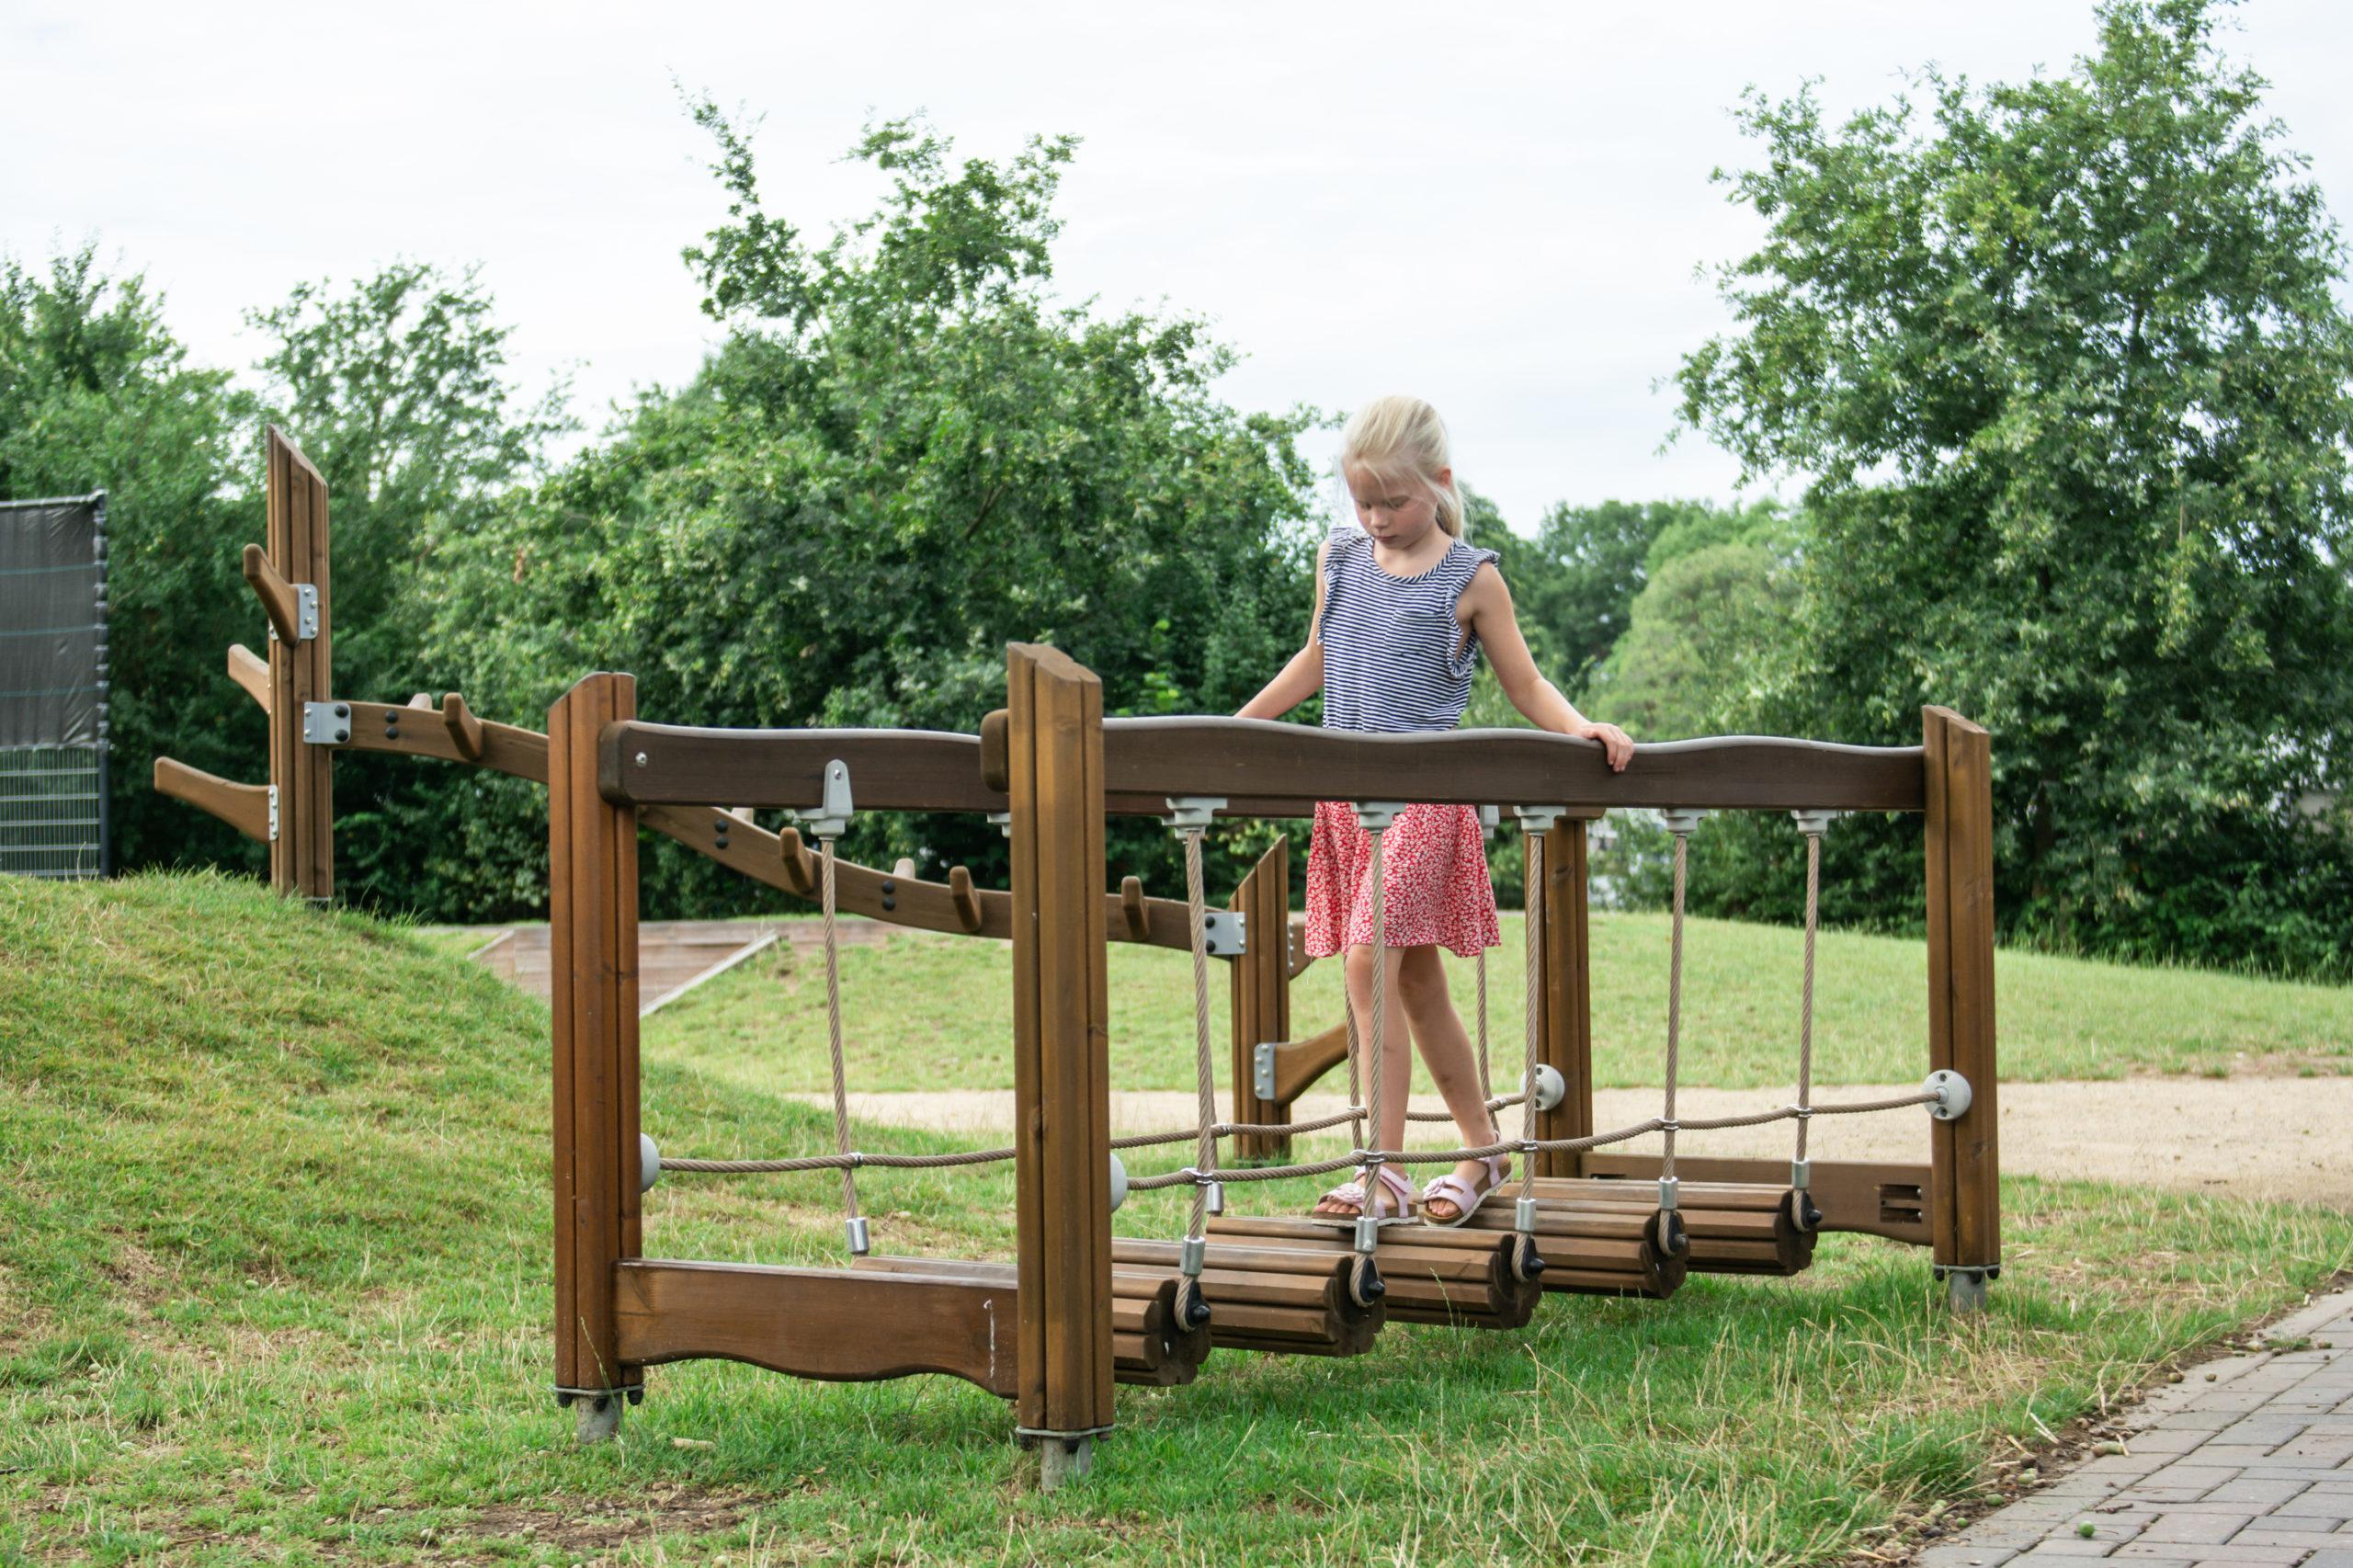 wooden wobble bridge in playground